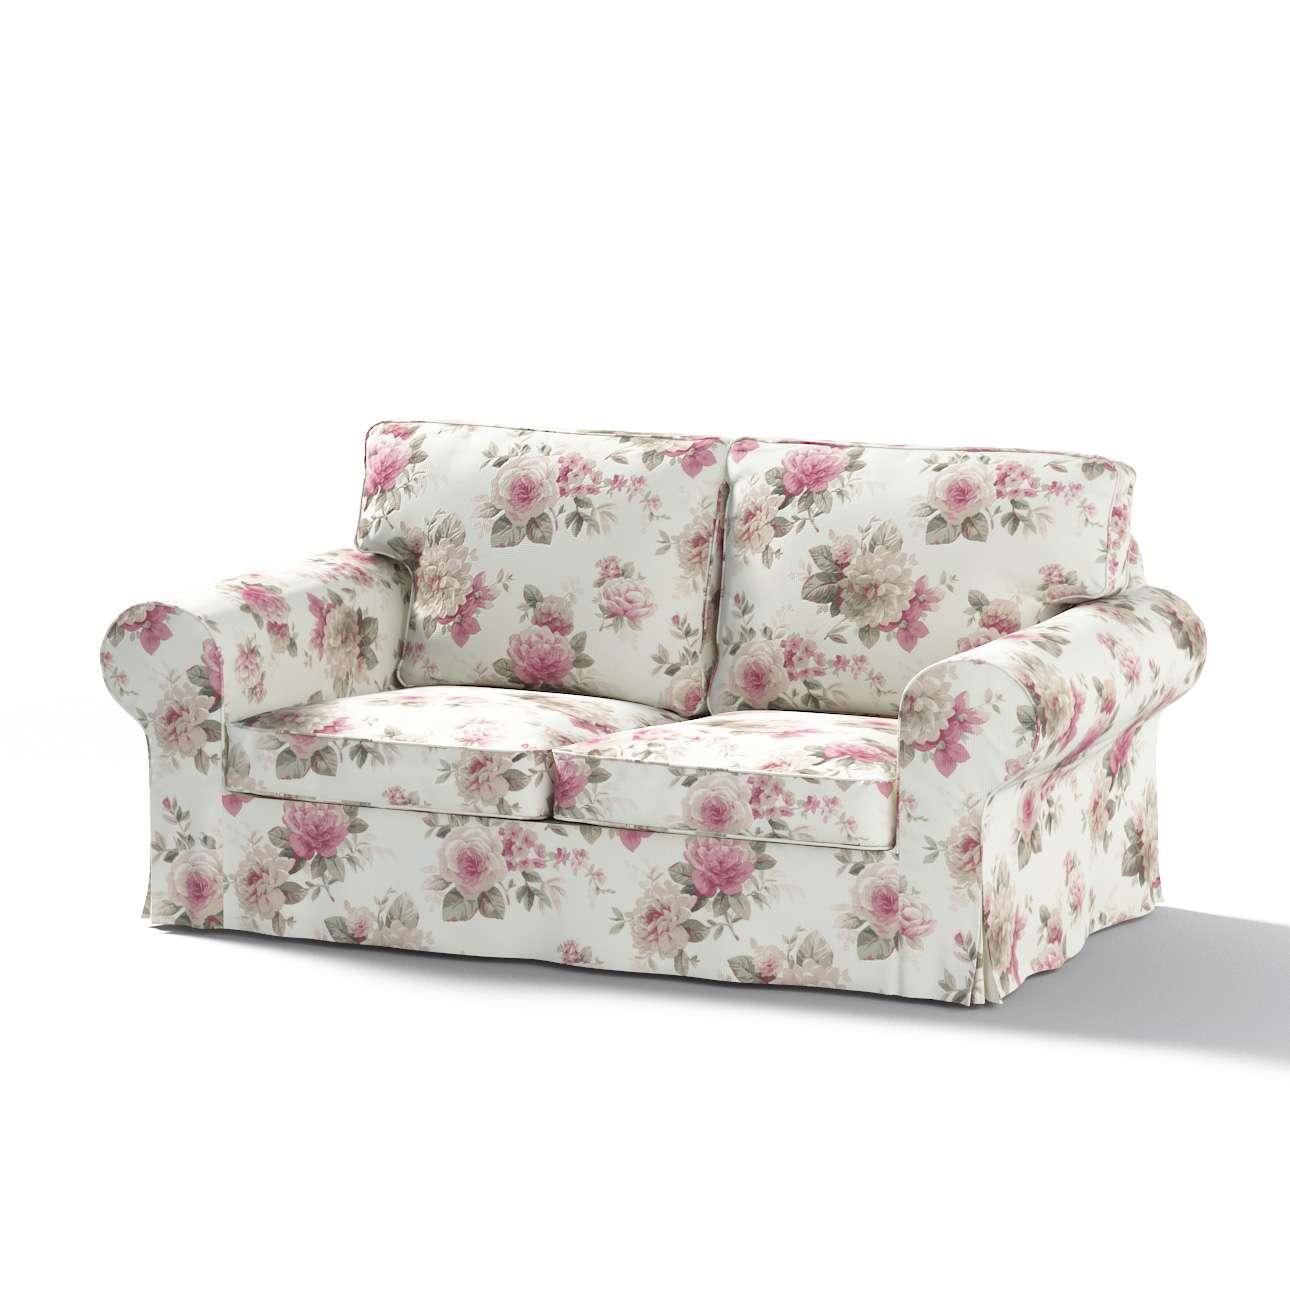 Pokrowiec na sofę Ektorp 2-osobową rozkładaną, model po 2012 w kolekcji Londres, tkanina: 141-07